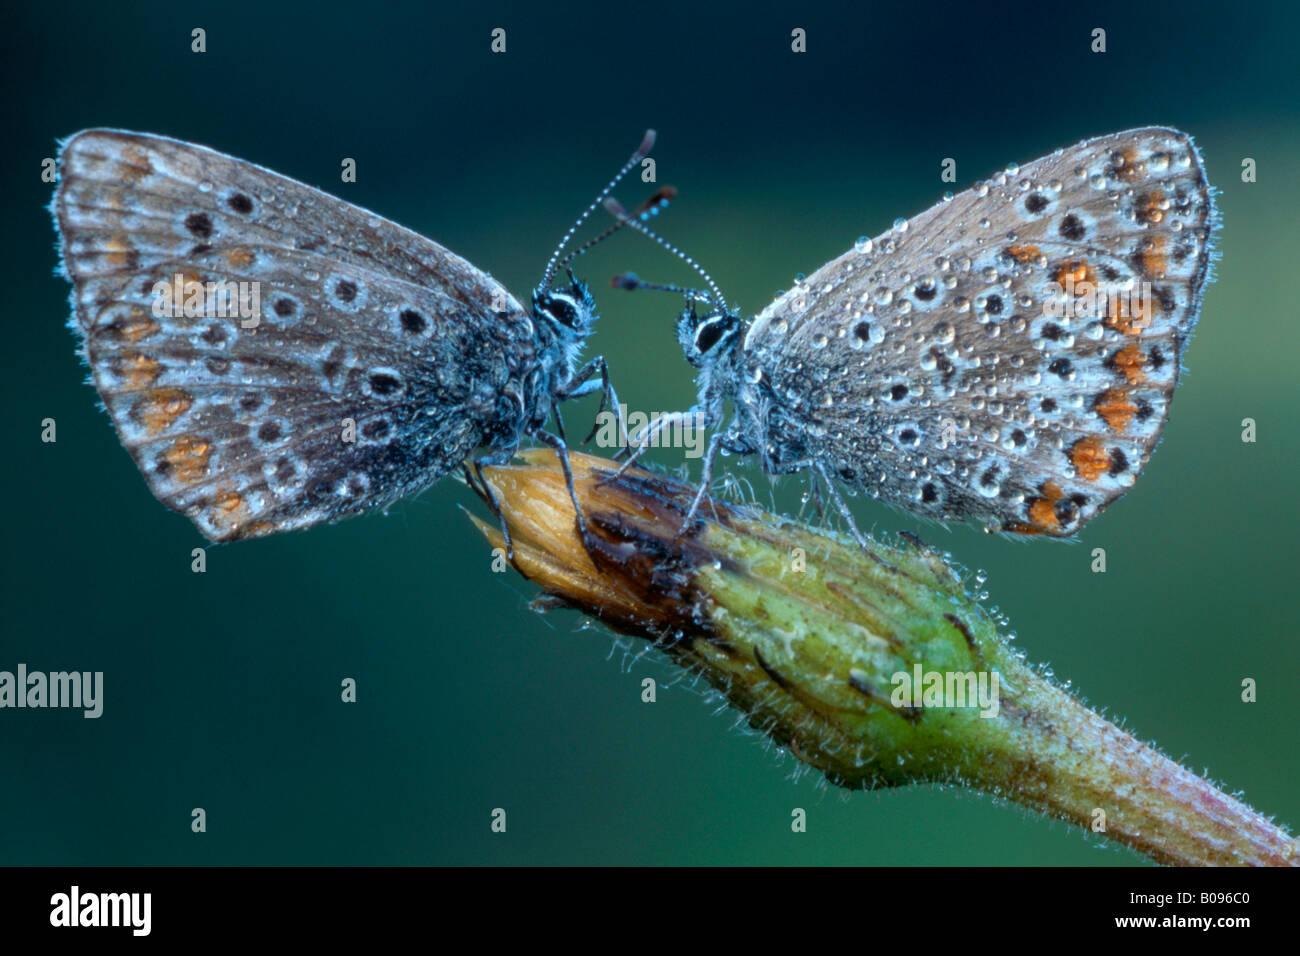 Deux papillons bleu commun (Polyommatus icarus) face à l'un de l'autre, Nord Tirol, Autriche Photo Stock